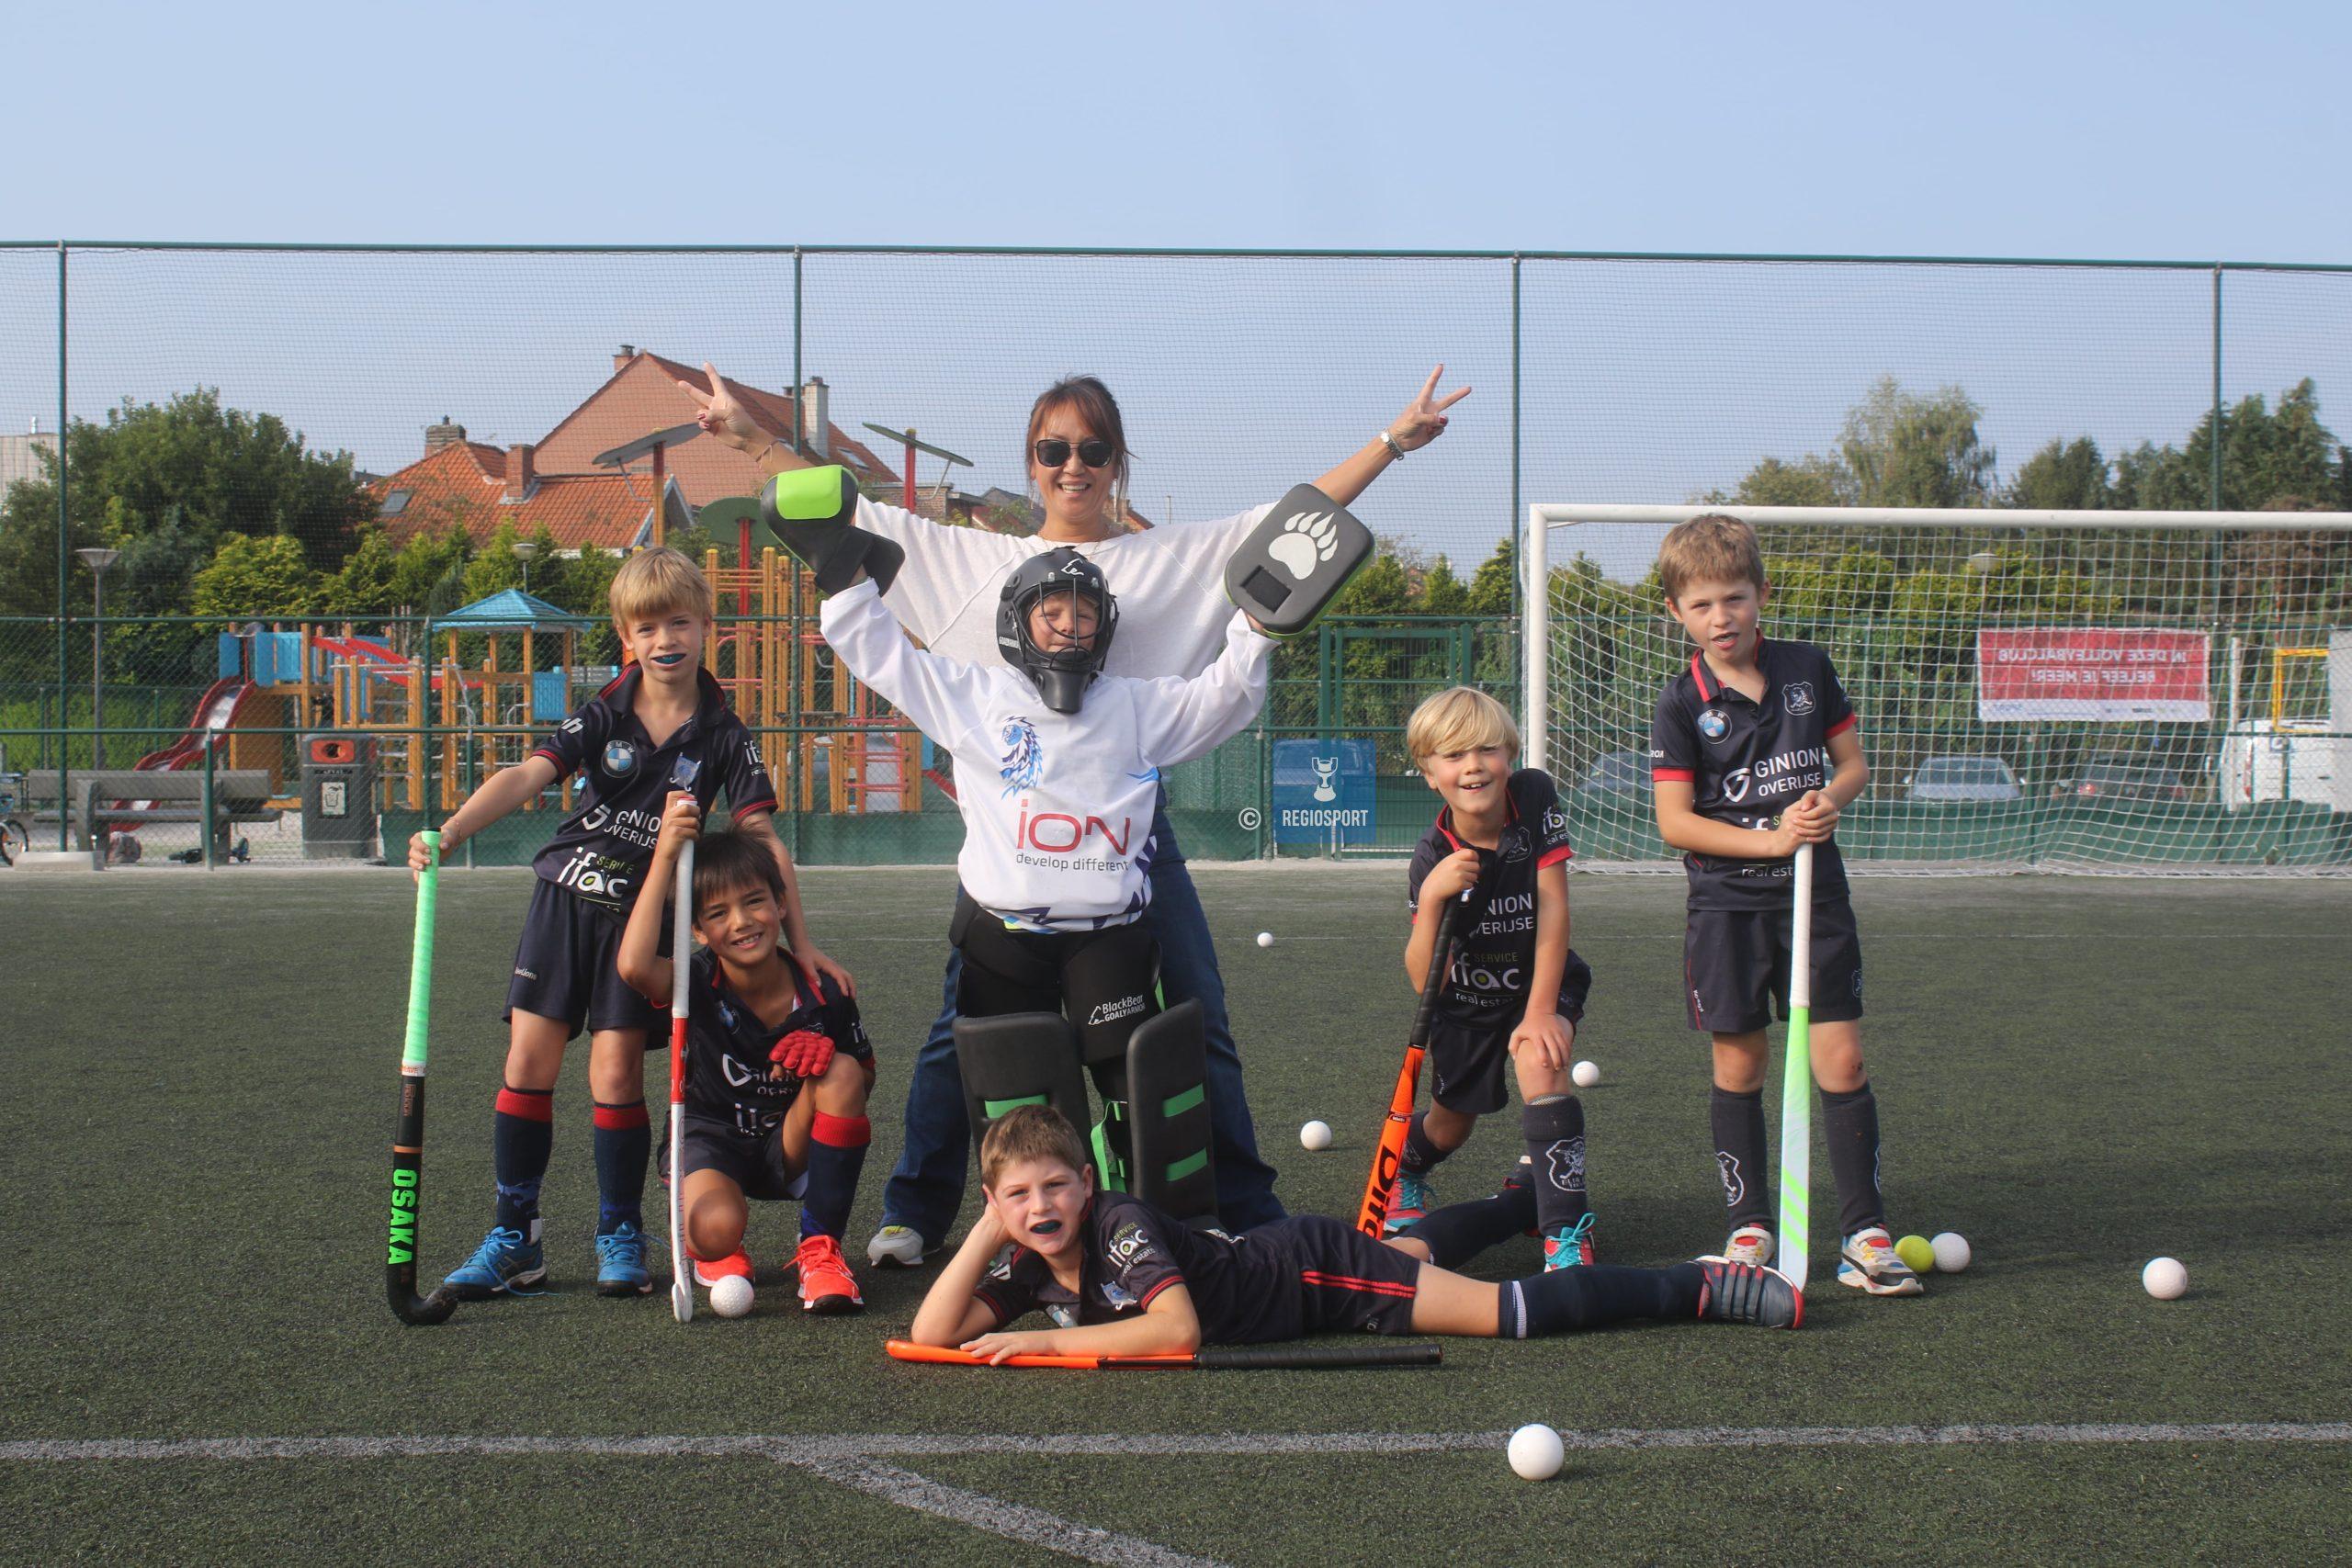 U9 boys 1 Blue Lions Tervuren hebben ambitieuze leuze!